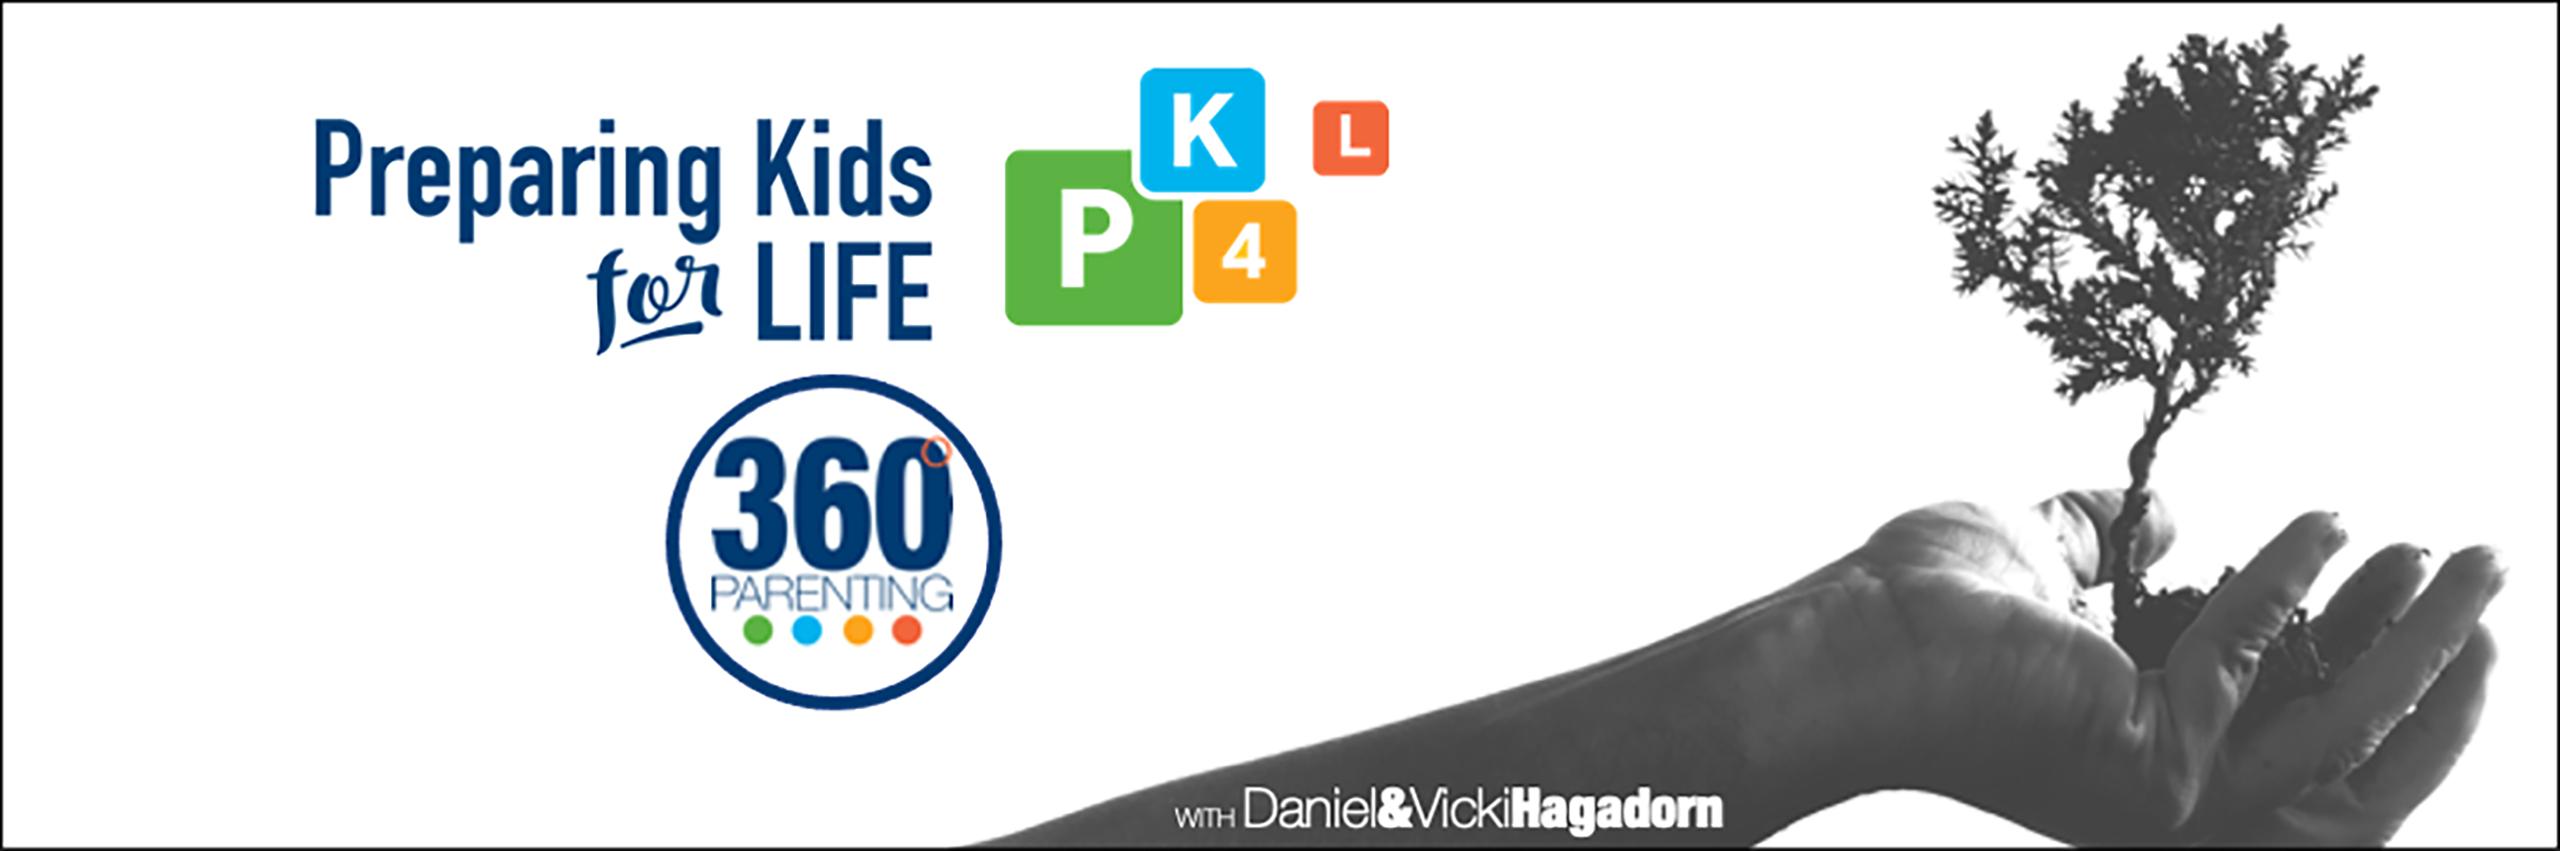 PK4L-header02